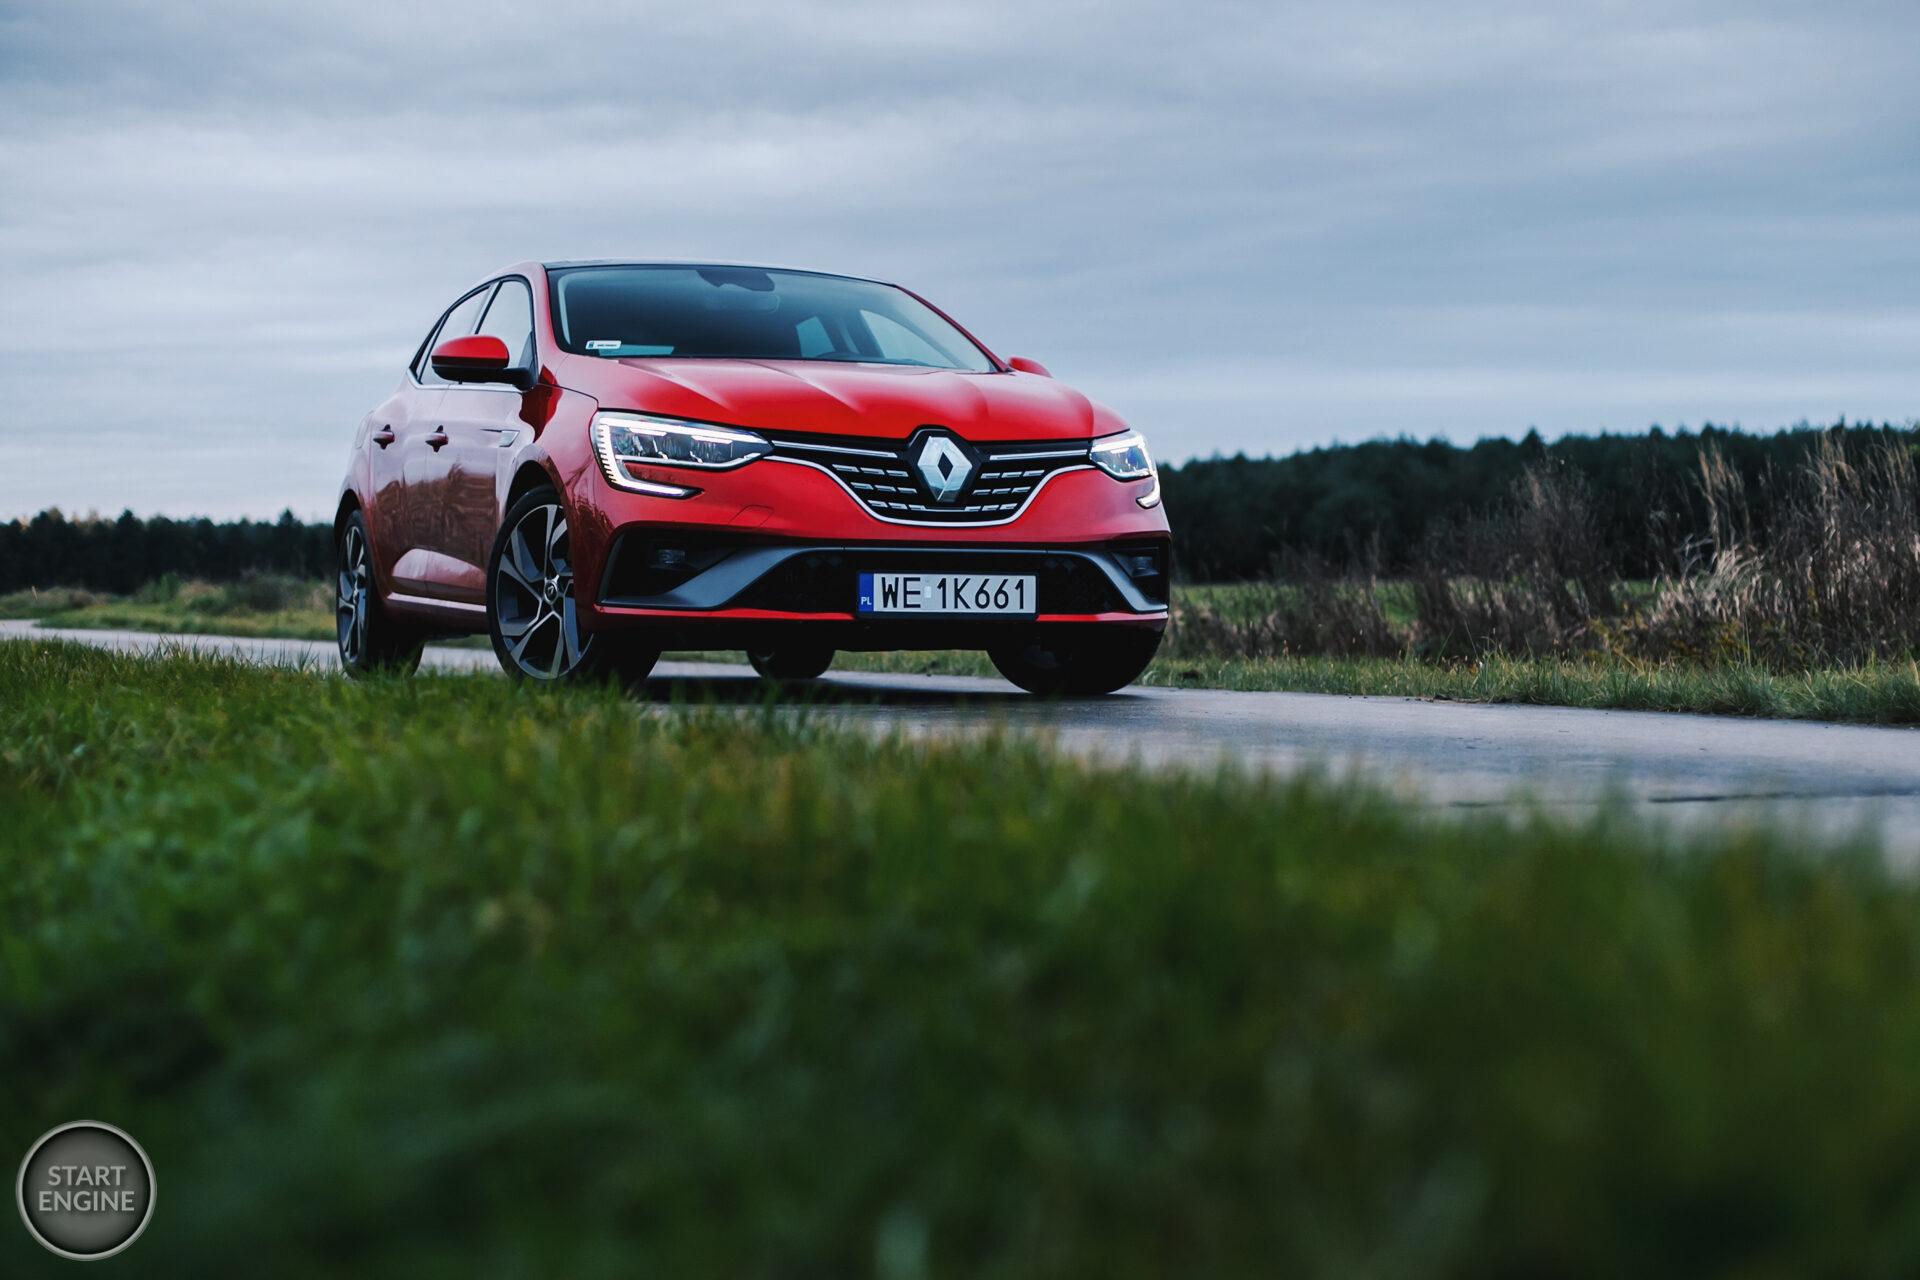 Renault Mégane R.S. Line 1.3 TCe FAP 160 KM EDC (2020)